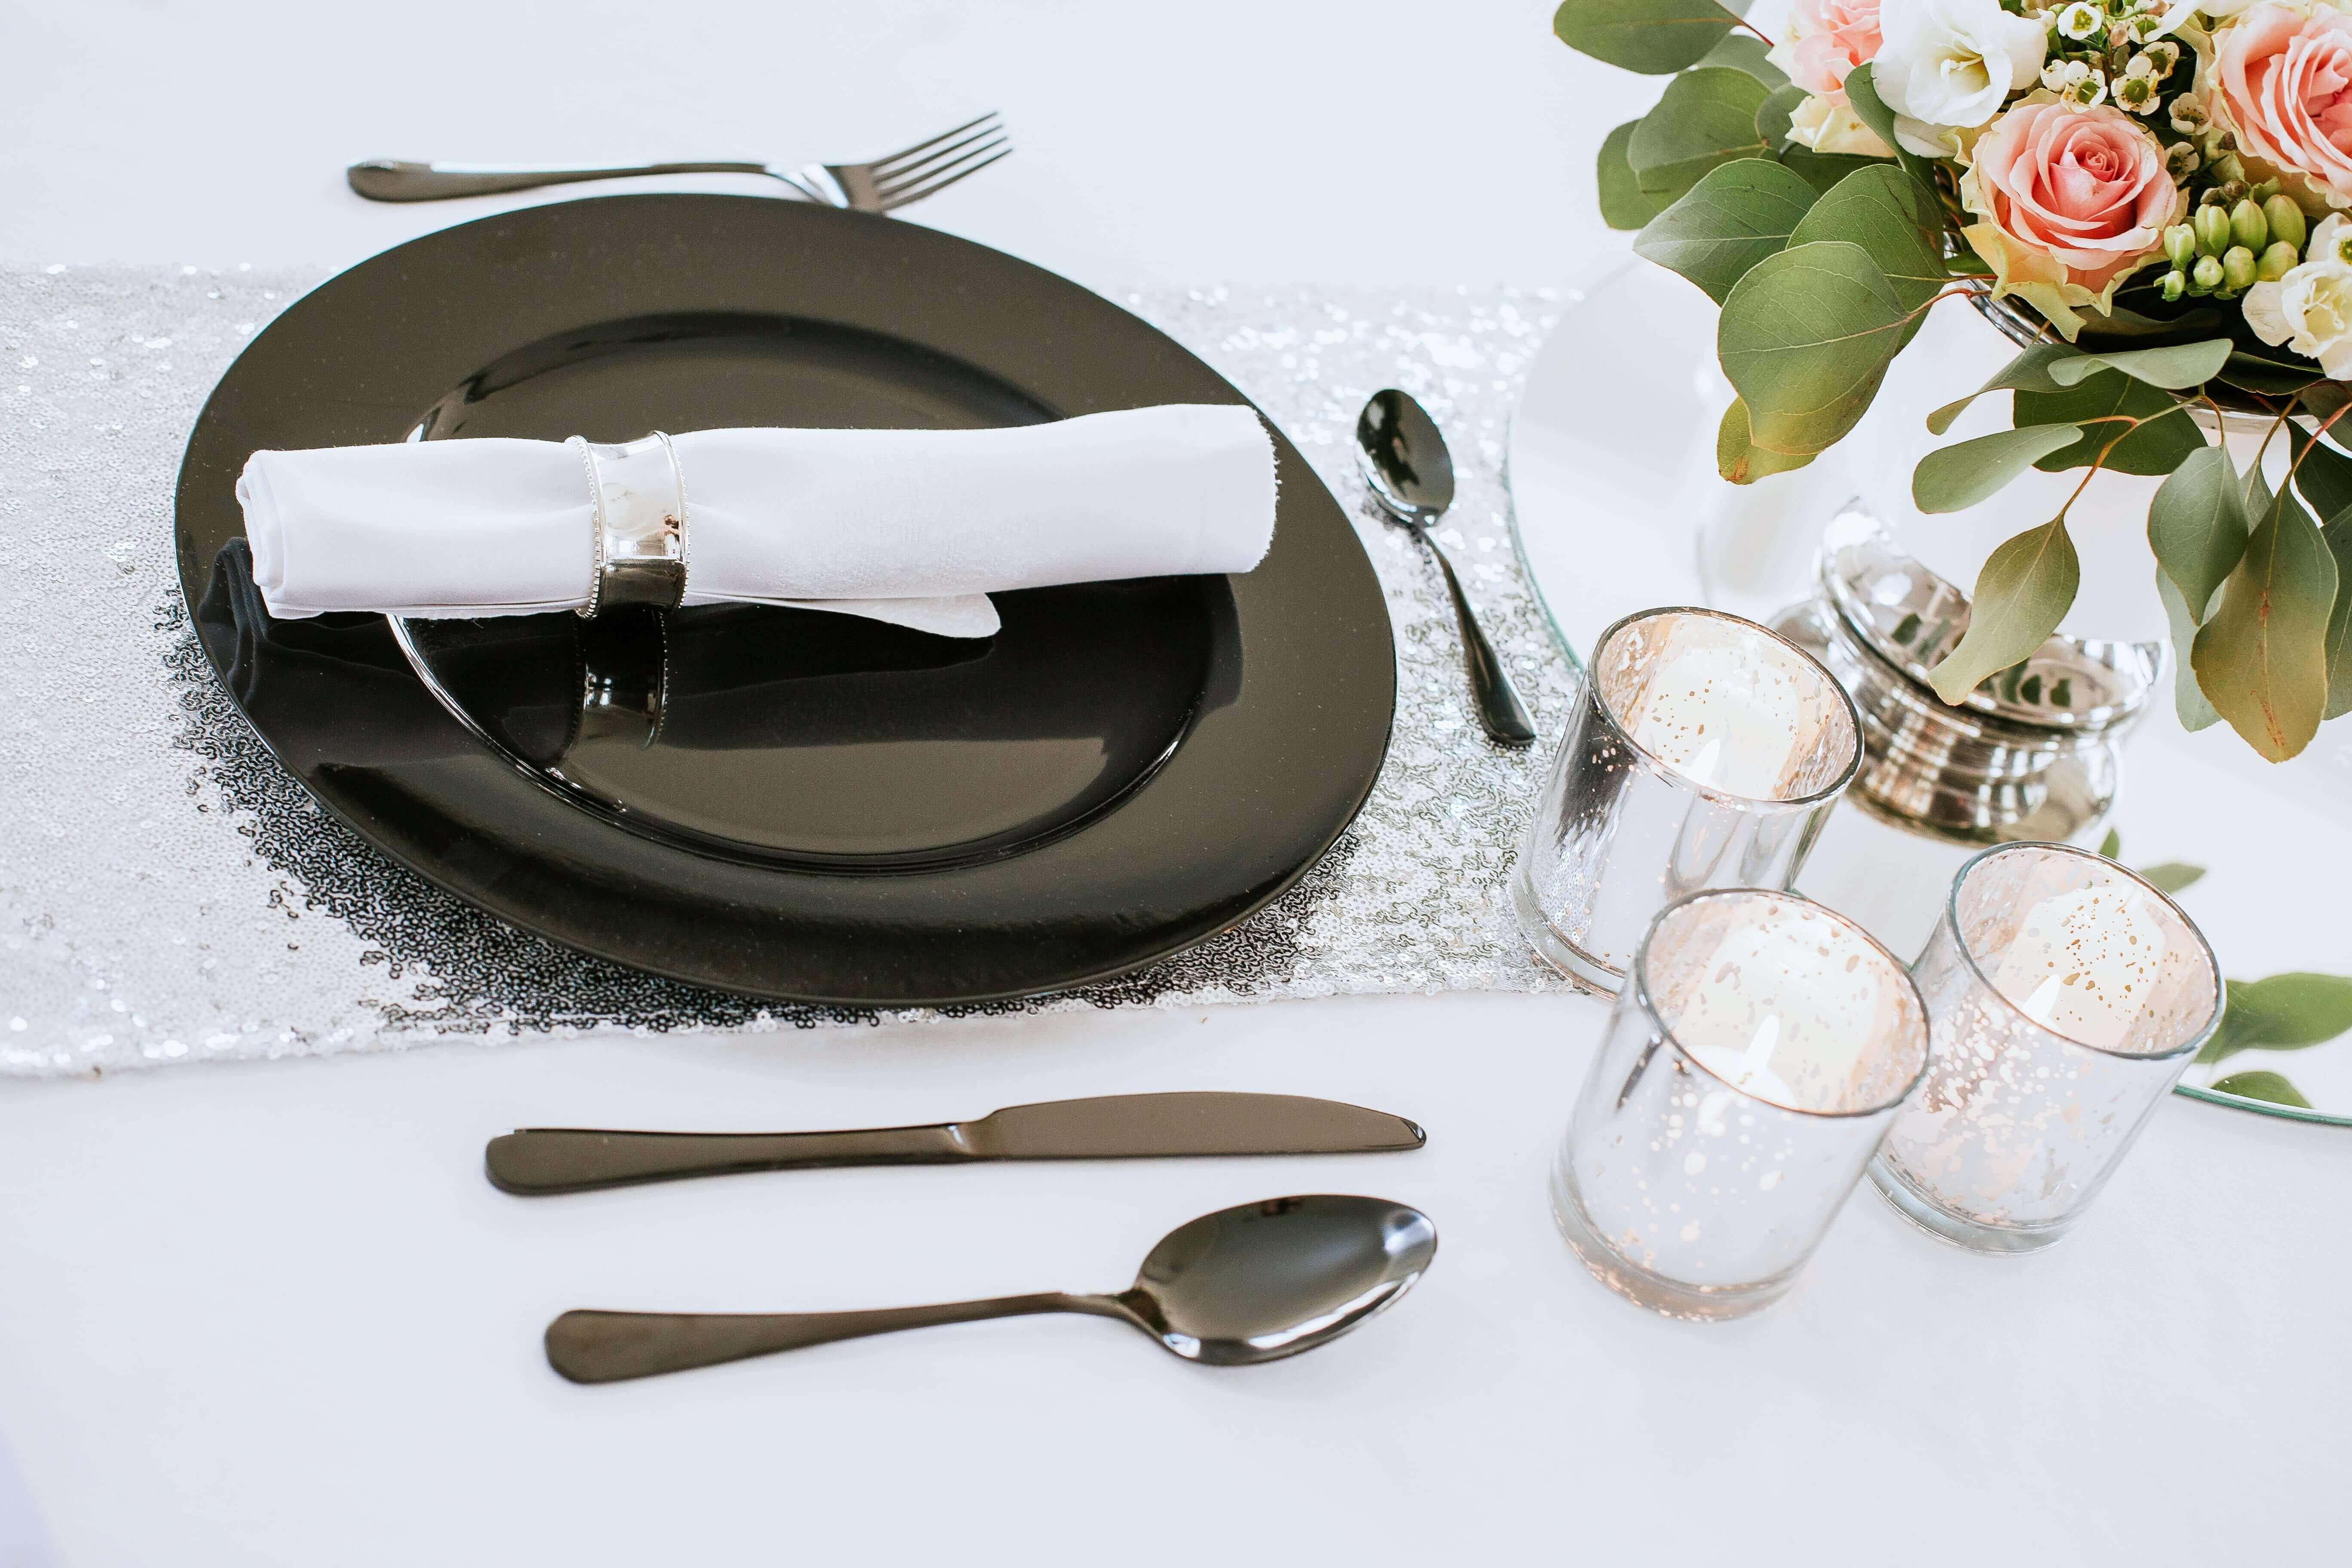 Zastawa stołowa czarna